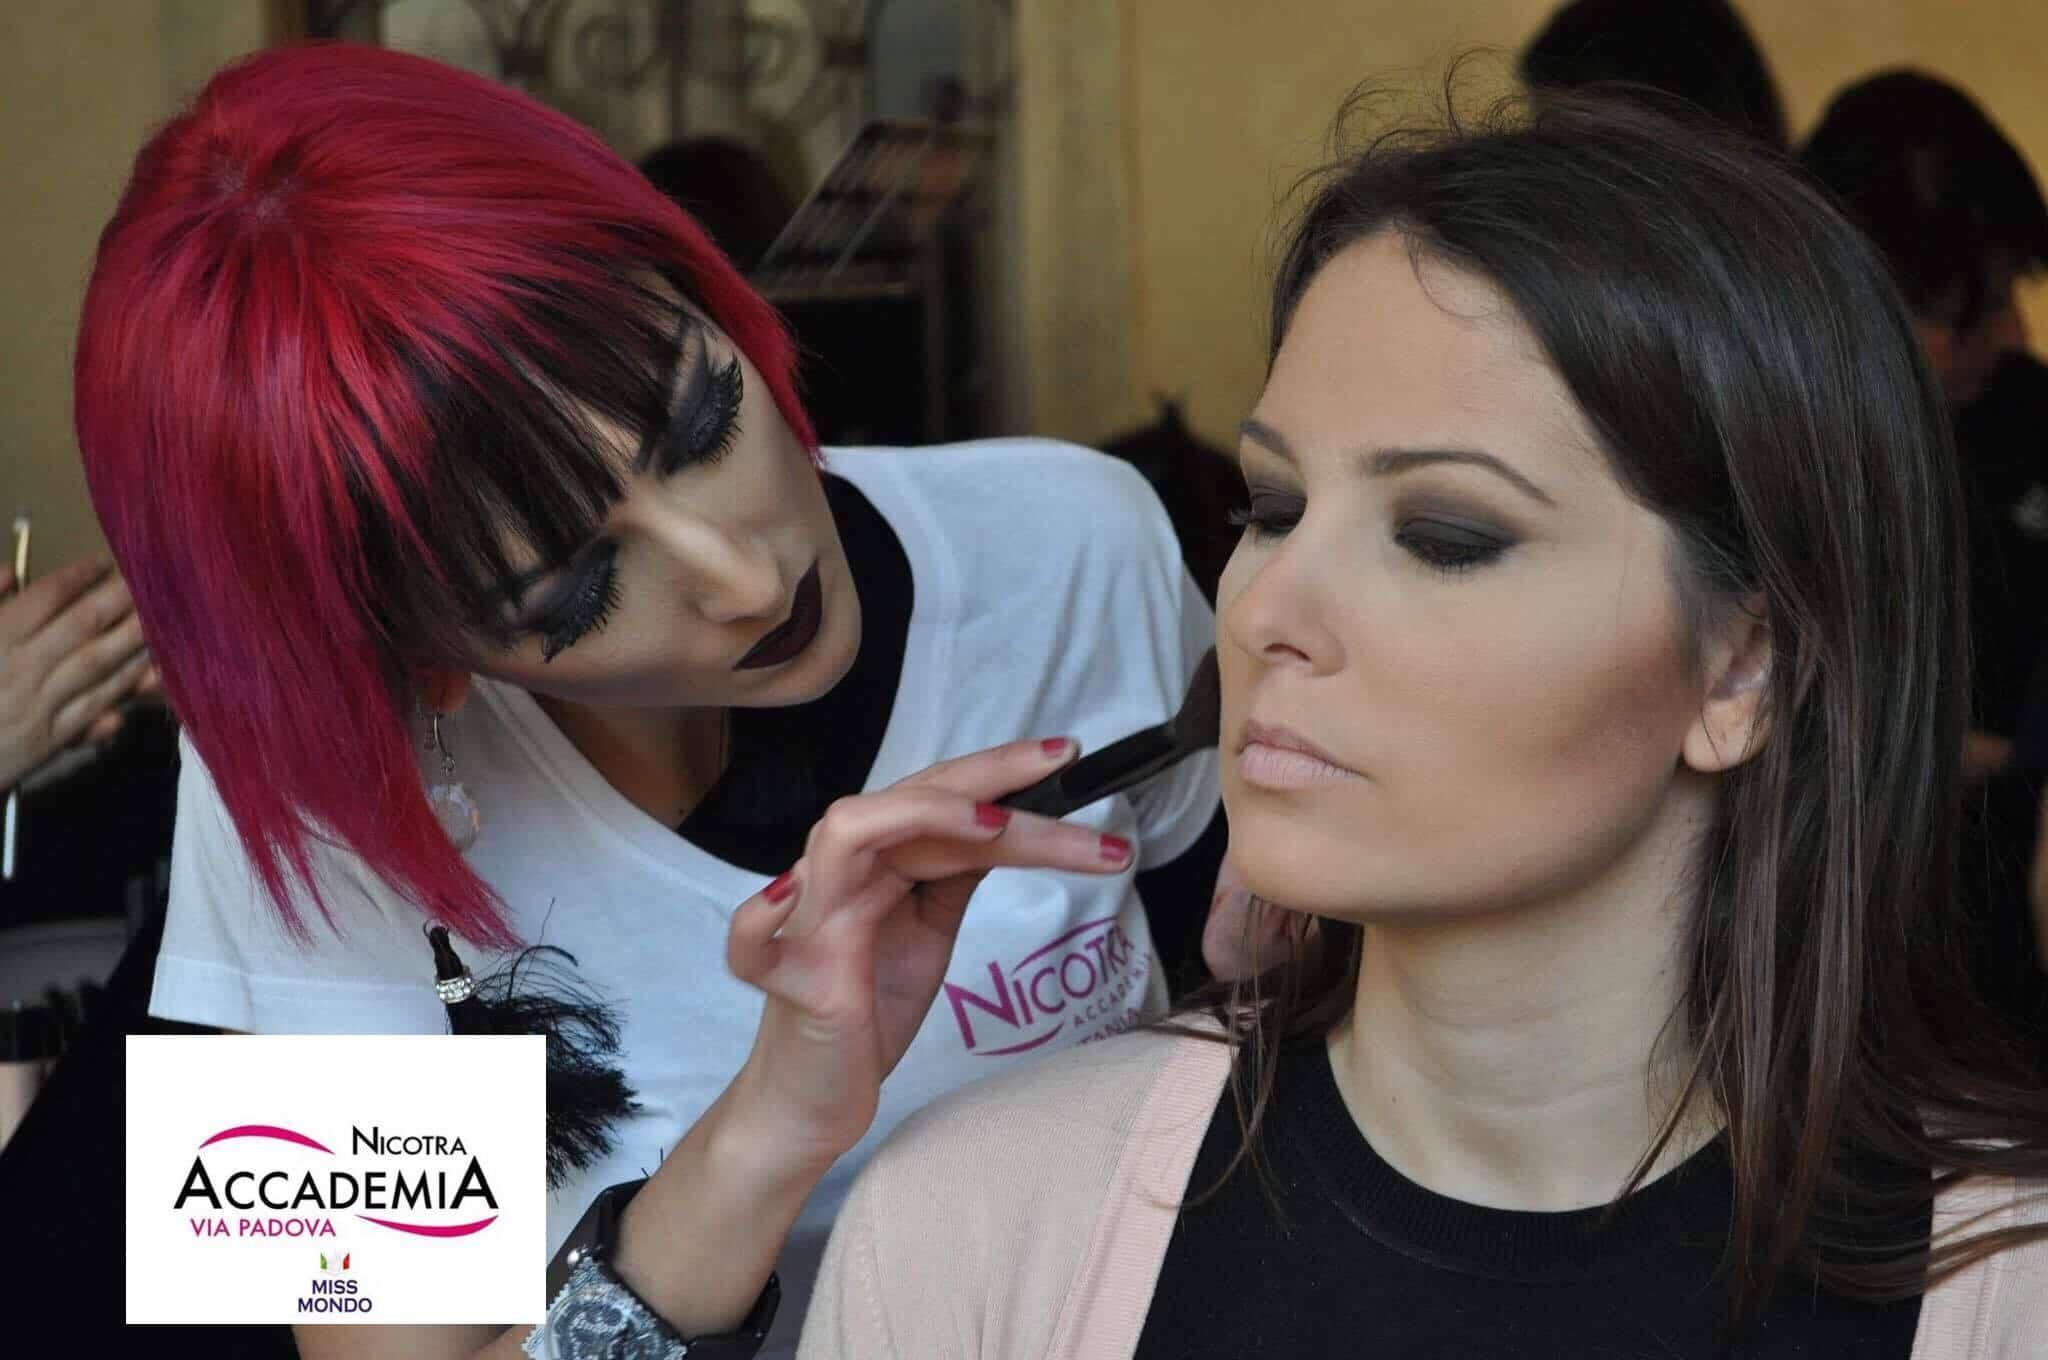 22281055 492987121057321 1715888047 o - Corso di Trucco Make Up Artist Palermo